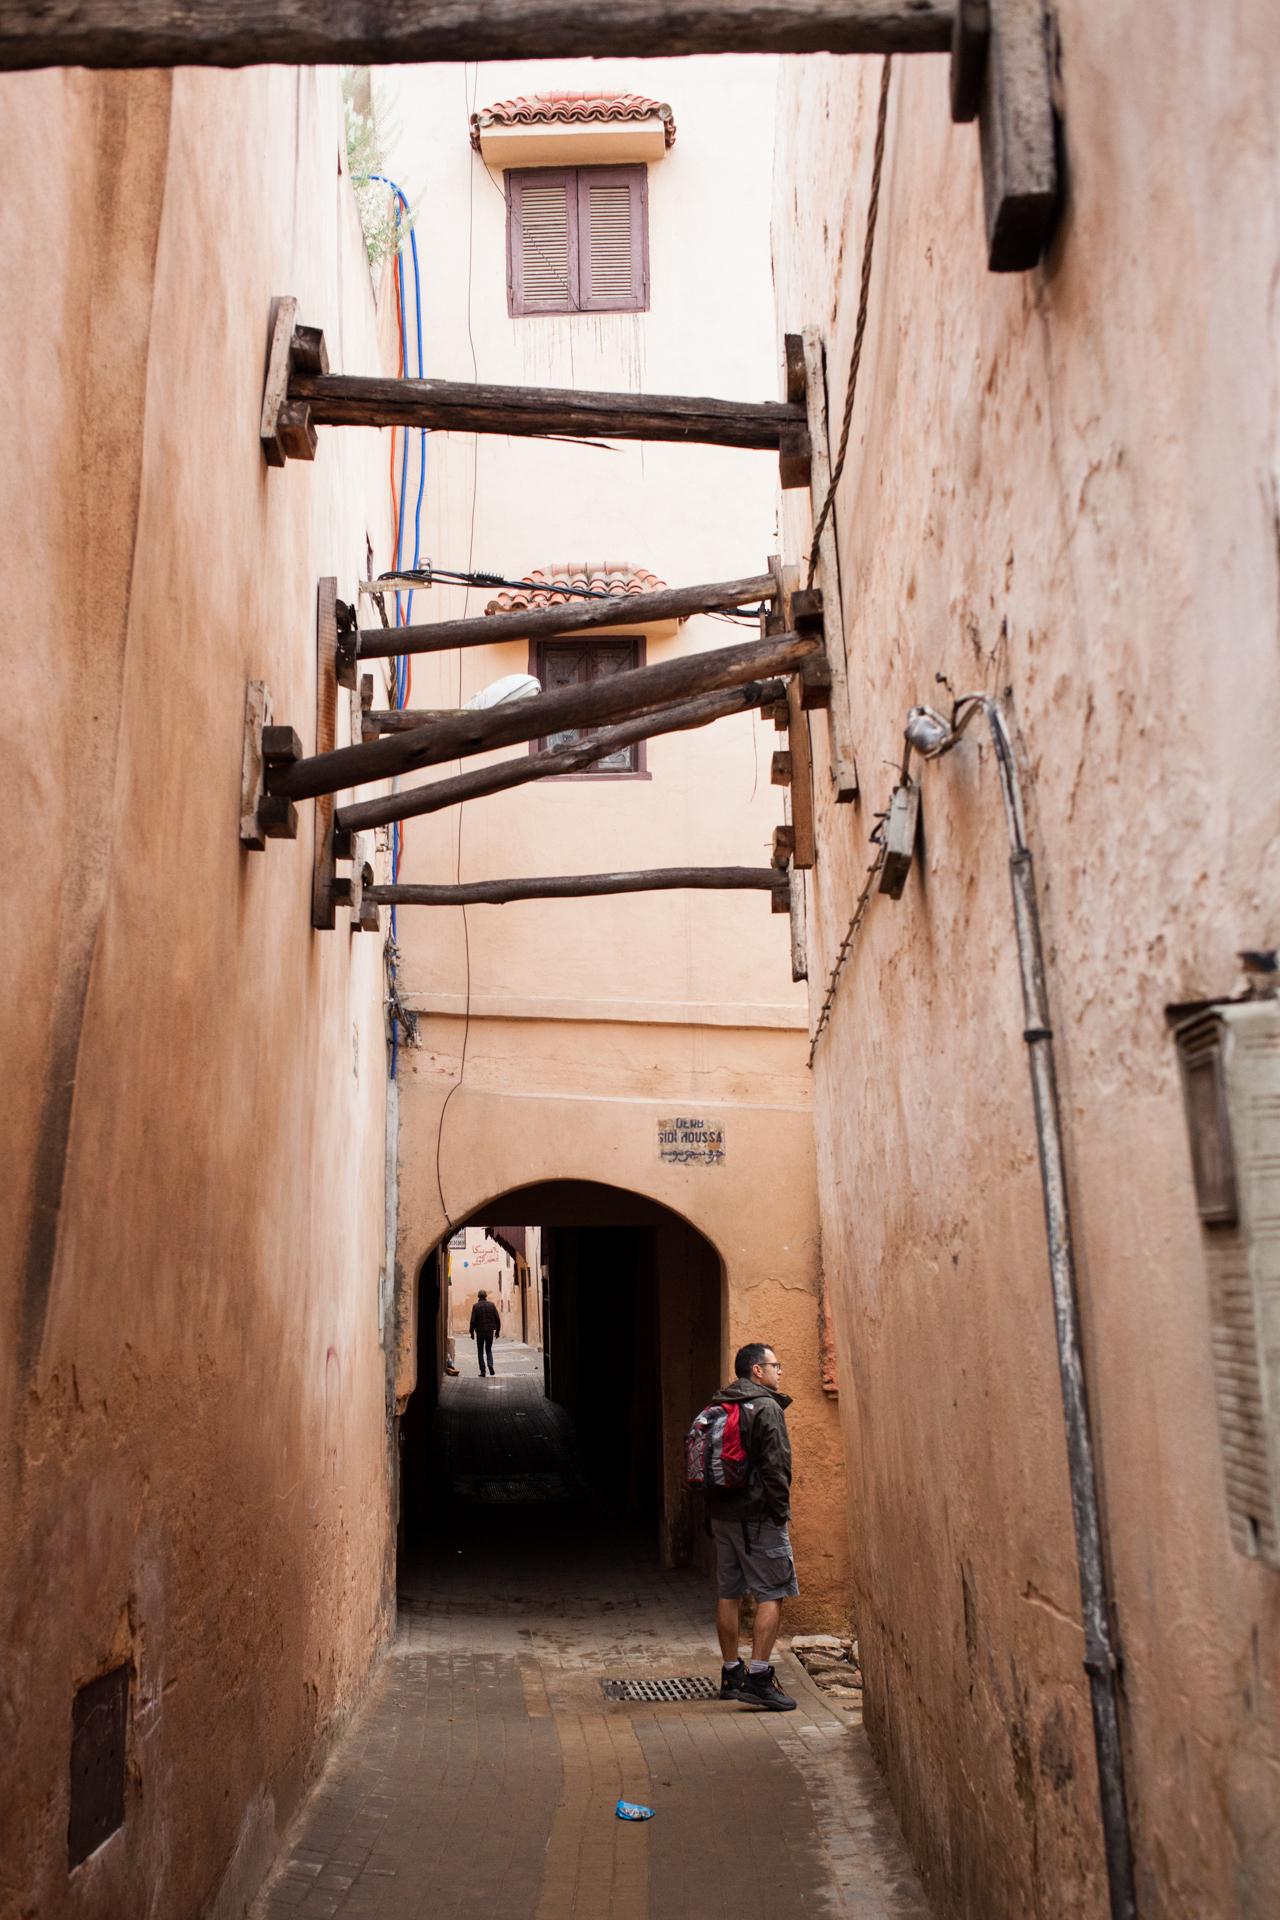 Morocco_Apr15__by_kingmouf-49